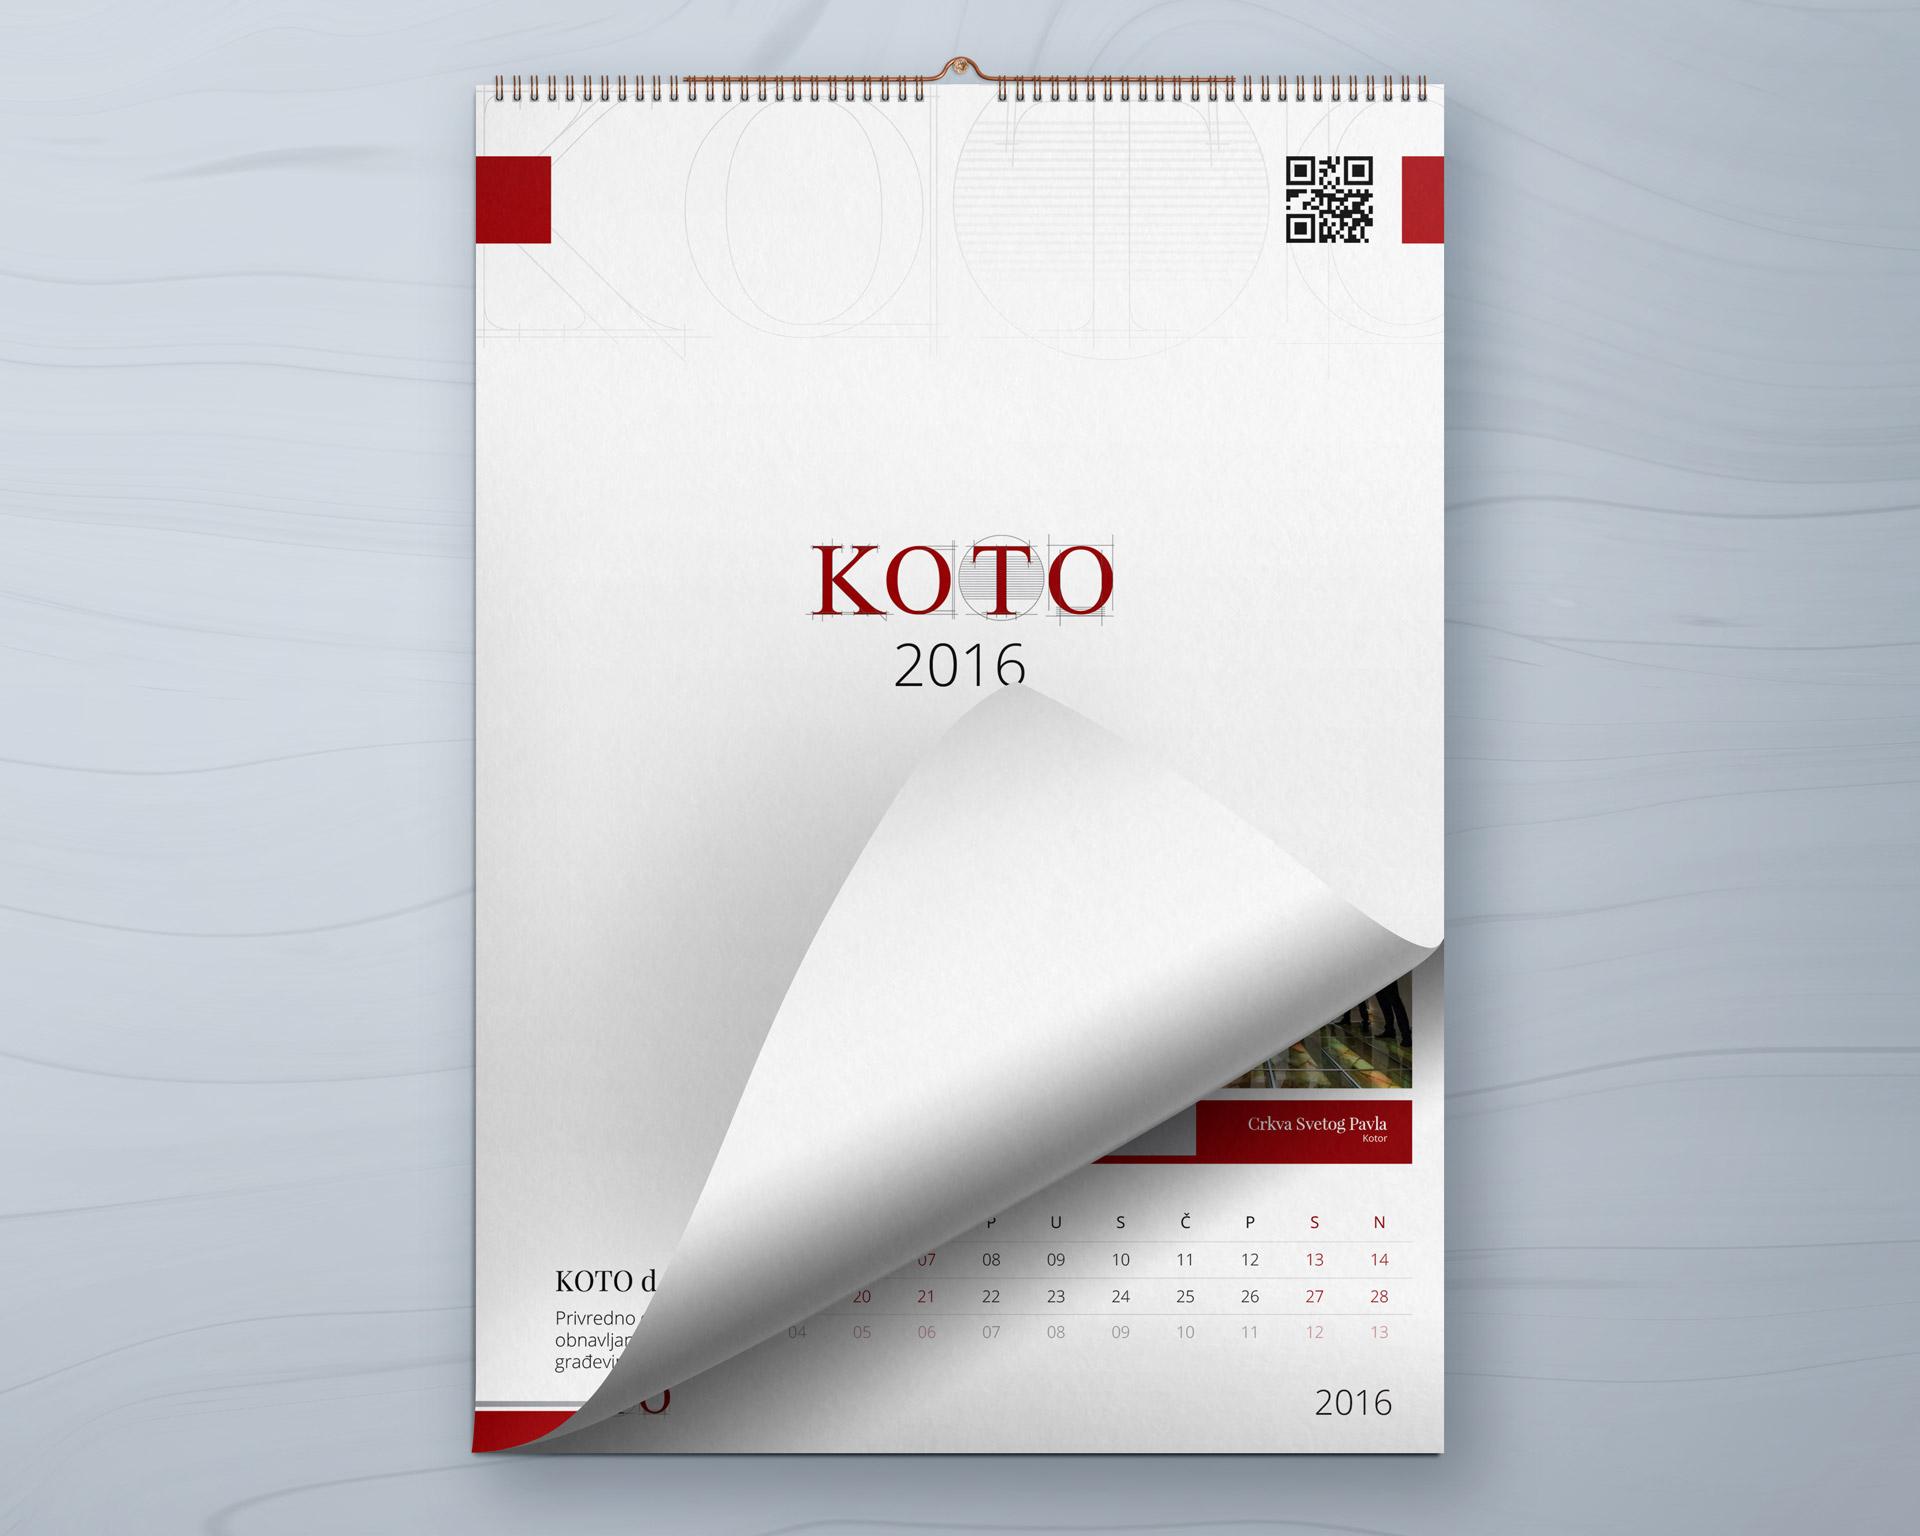 Dizajn i izrada zidnog kalendara za građevinsku firmu KOTO